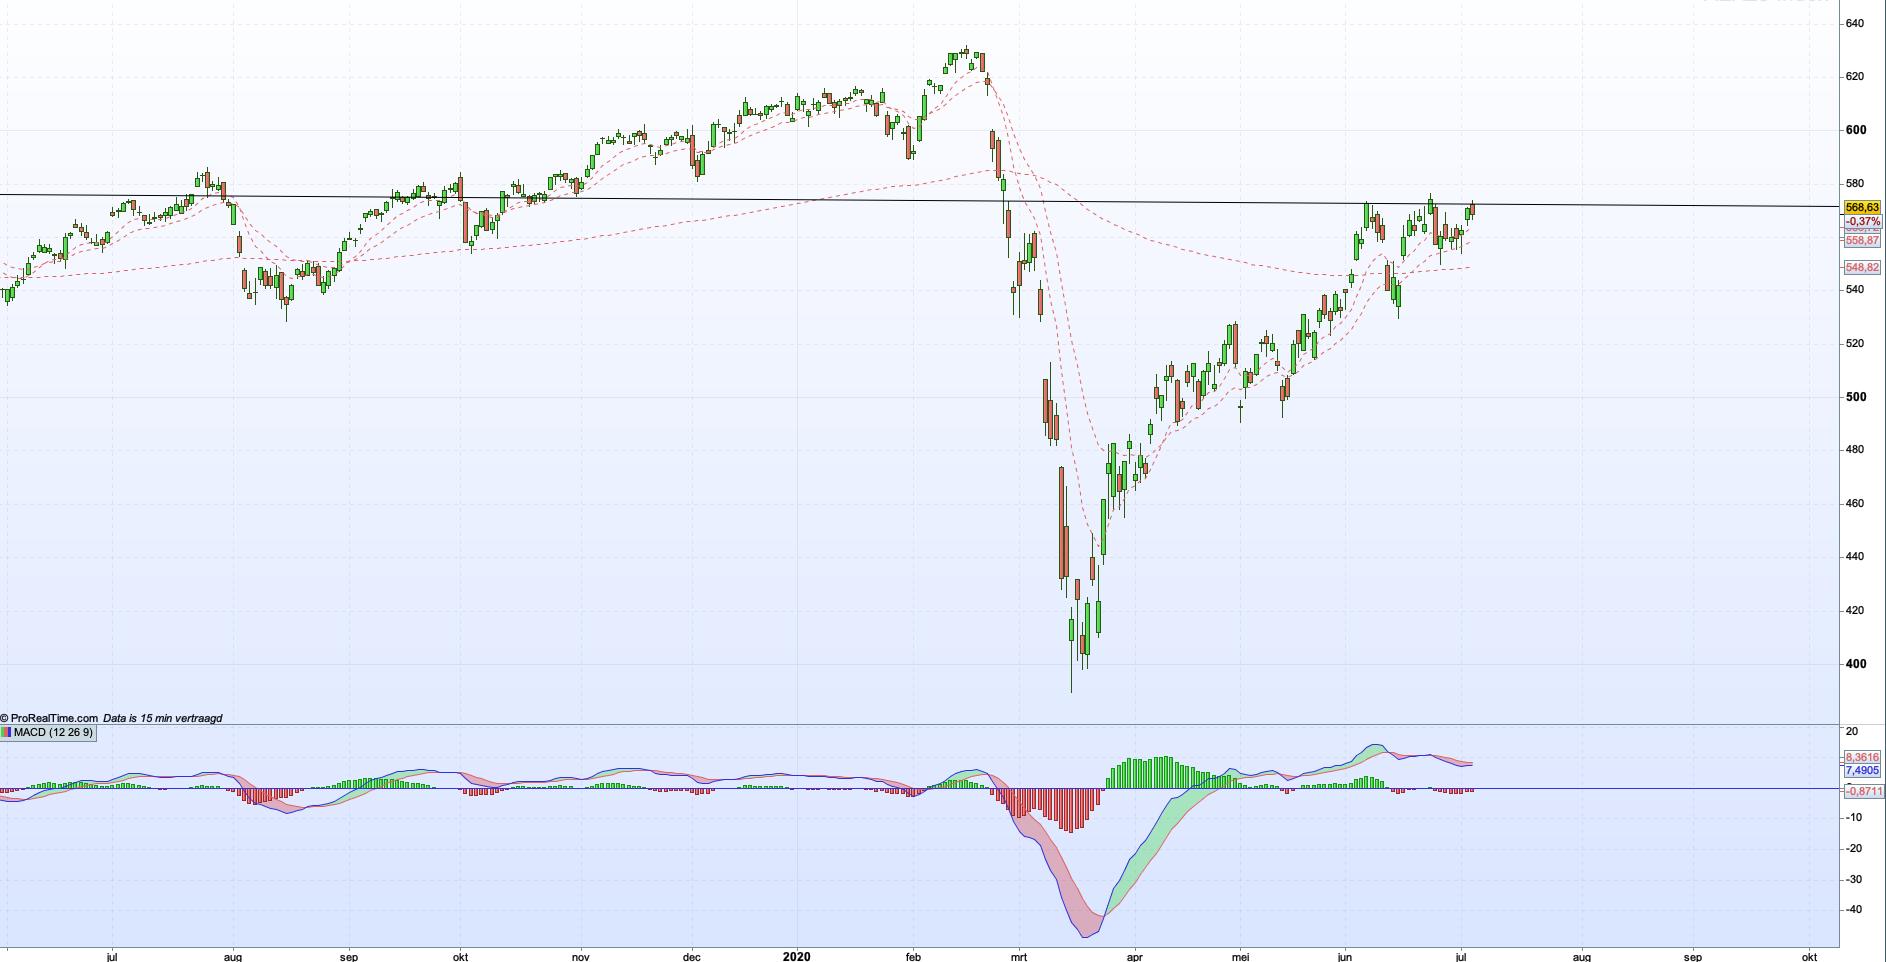 AEX lange termijn grafiek